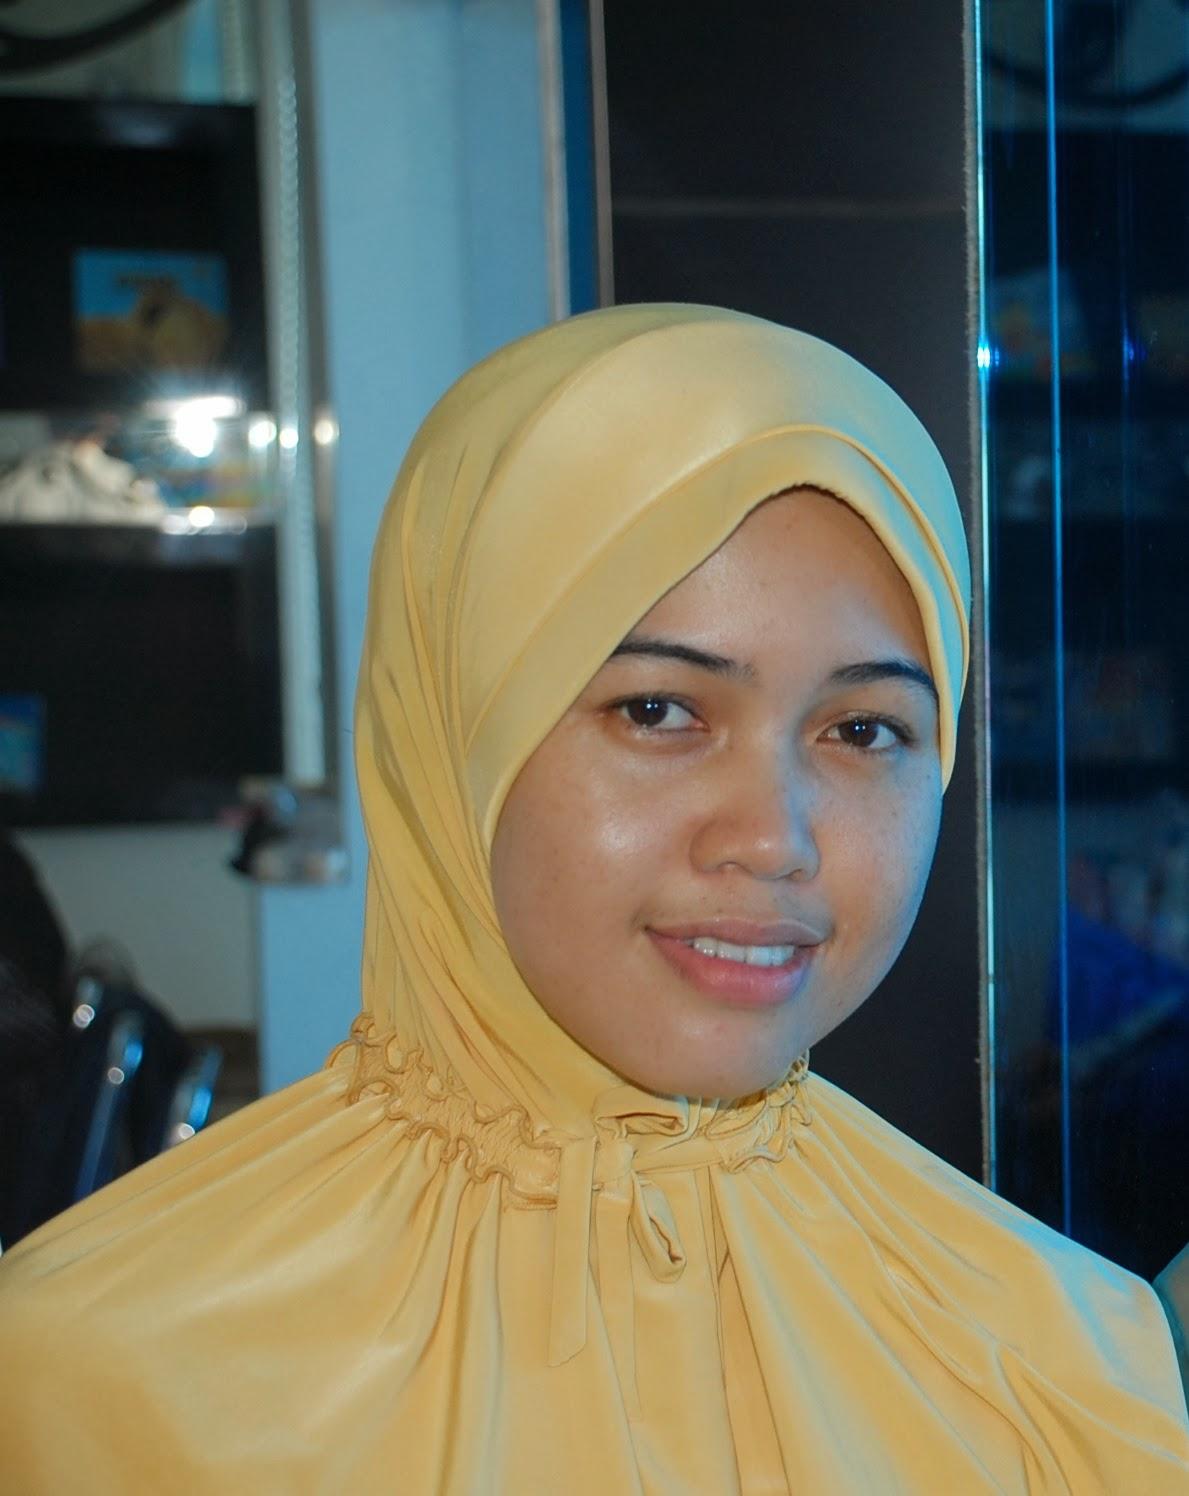 Tampil Cantik dan Natural Secara Halal - Arifah Wulansari